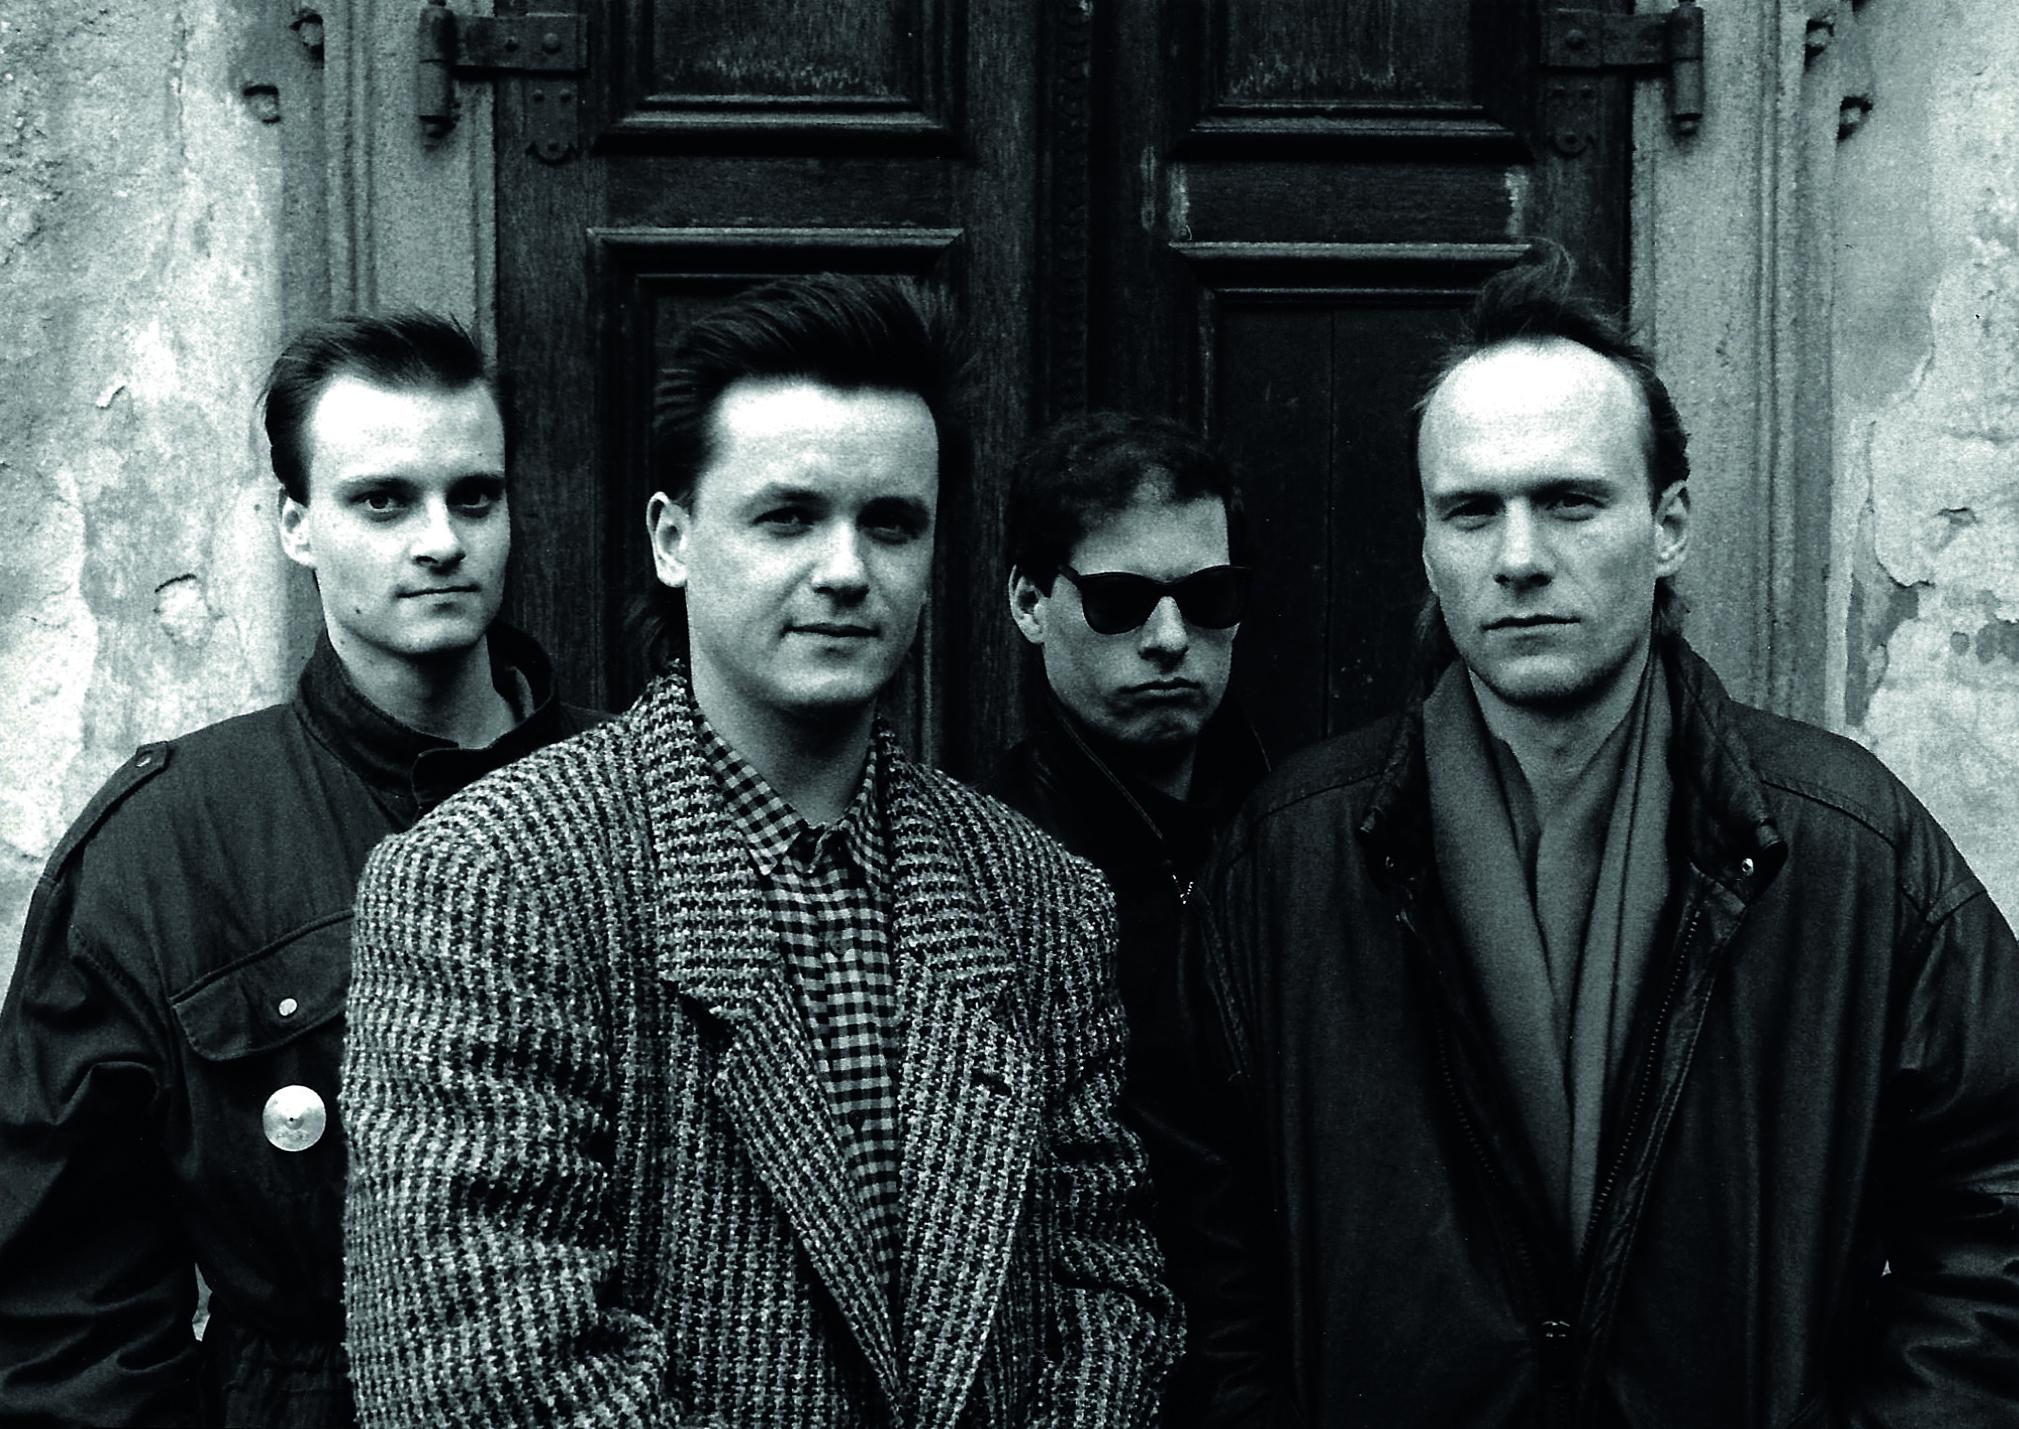 foto: archiv skupiny